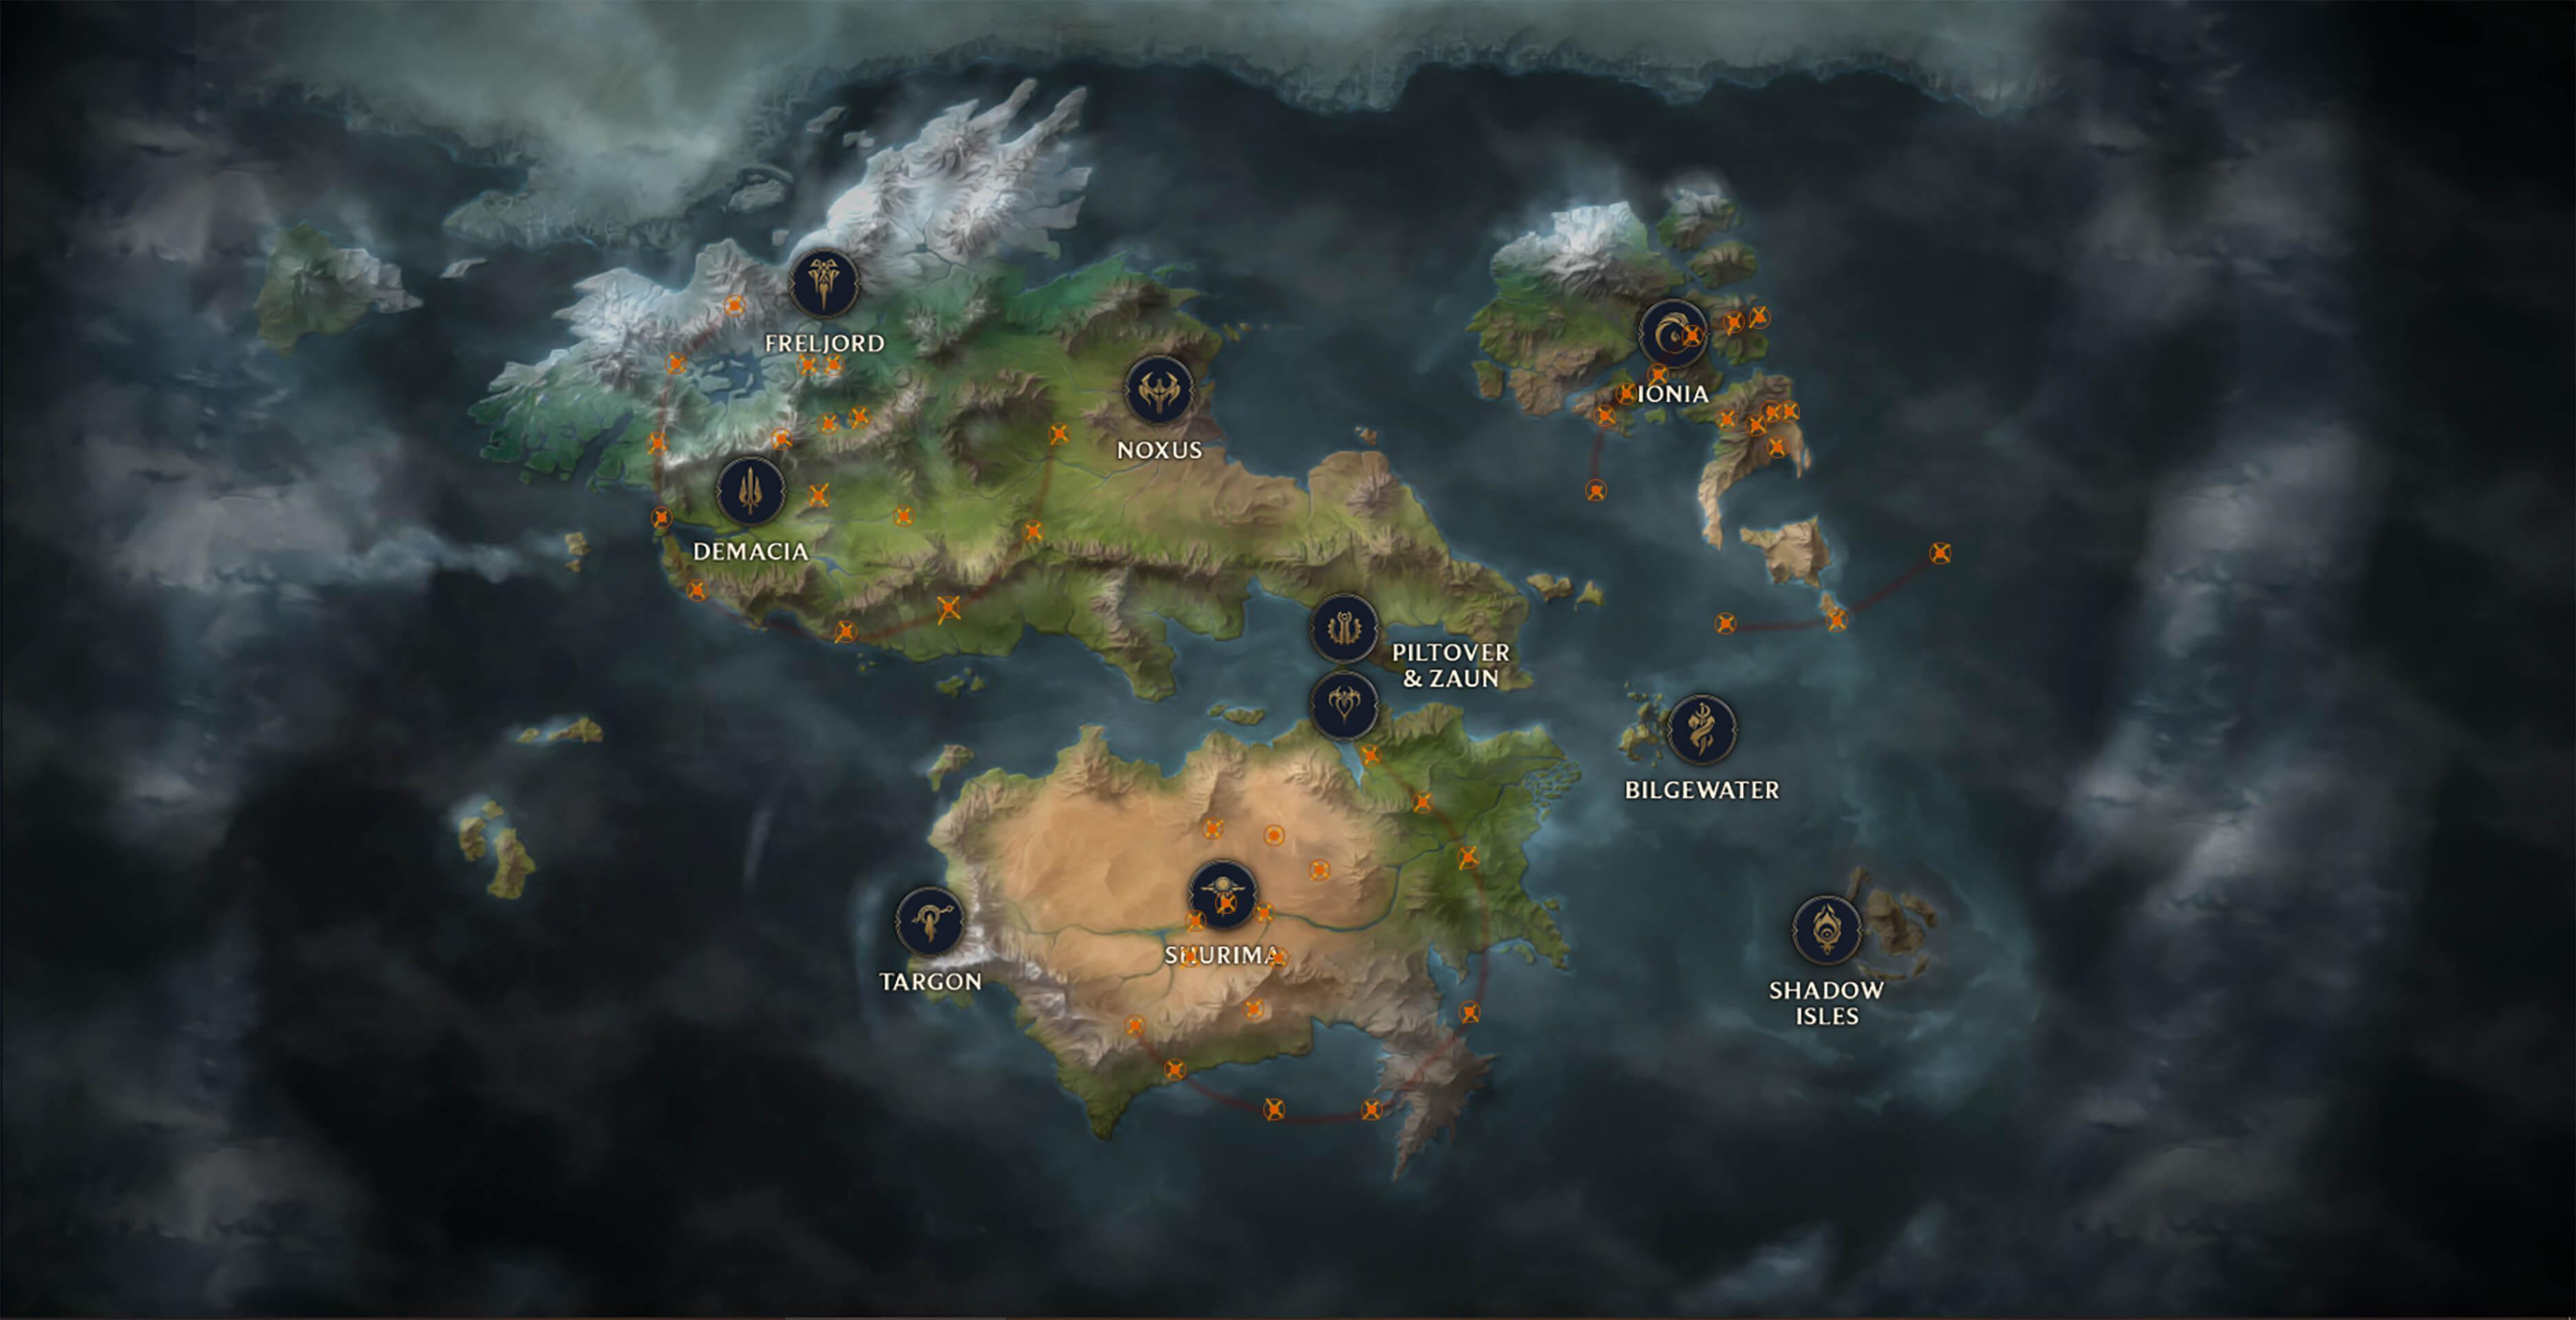 Mapa de Runeterra